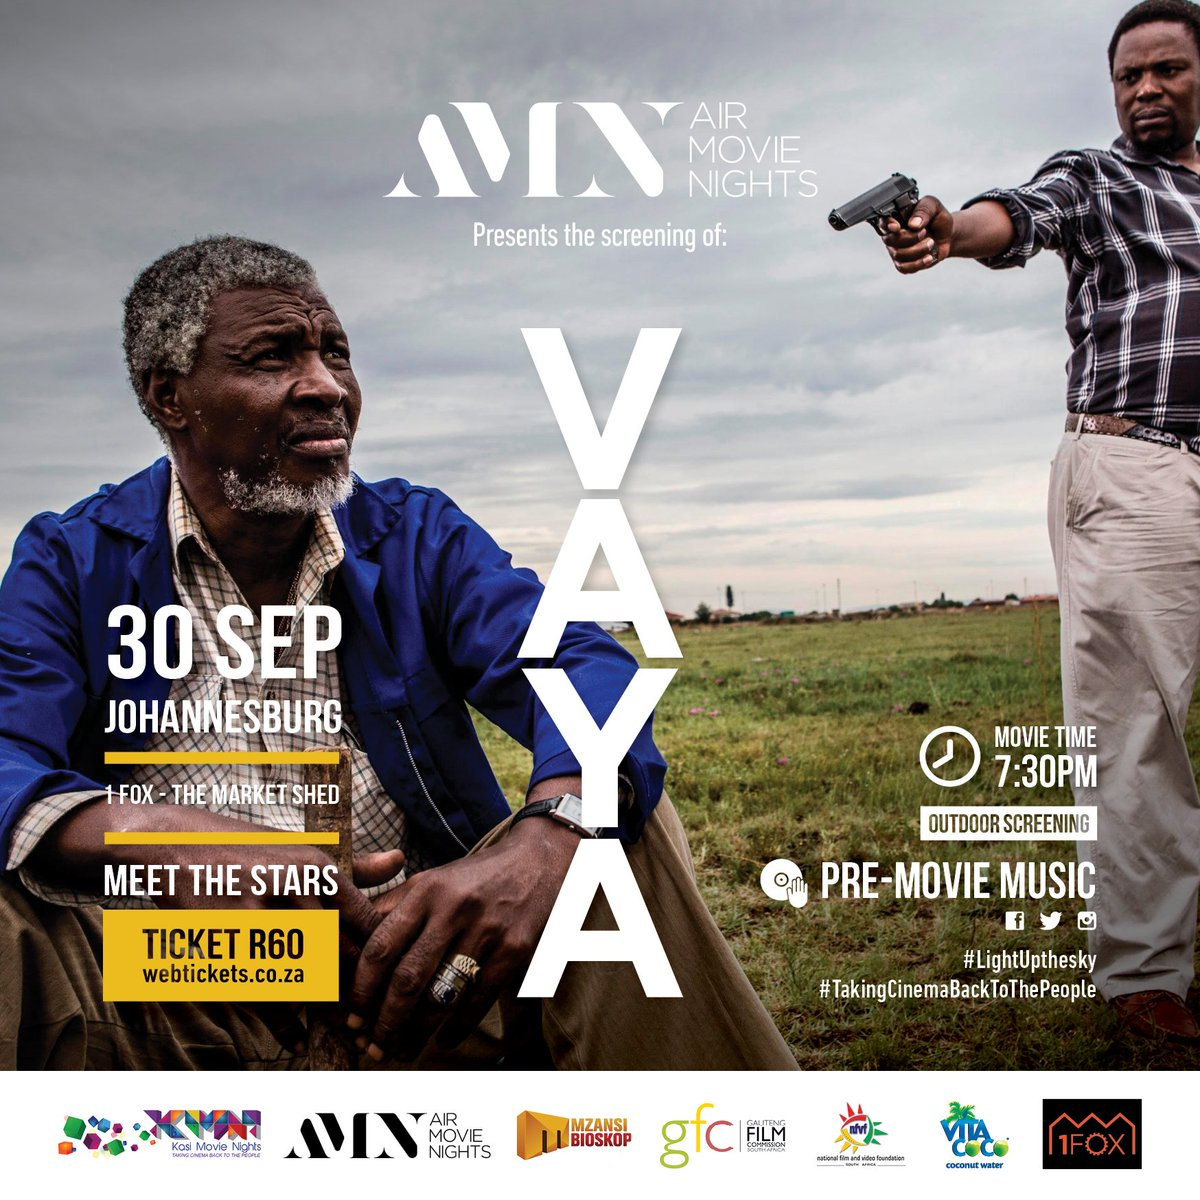 Mzansi Bioskop (@MzansiBioskop) | Twitter